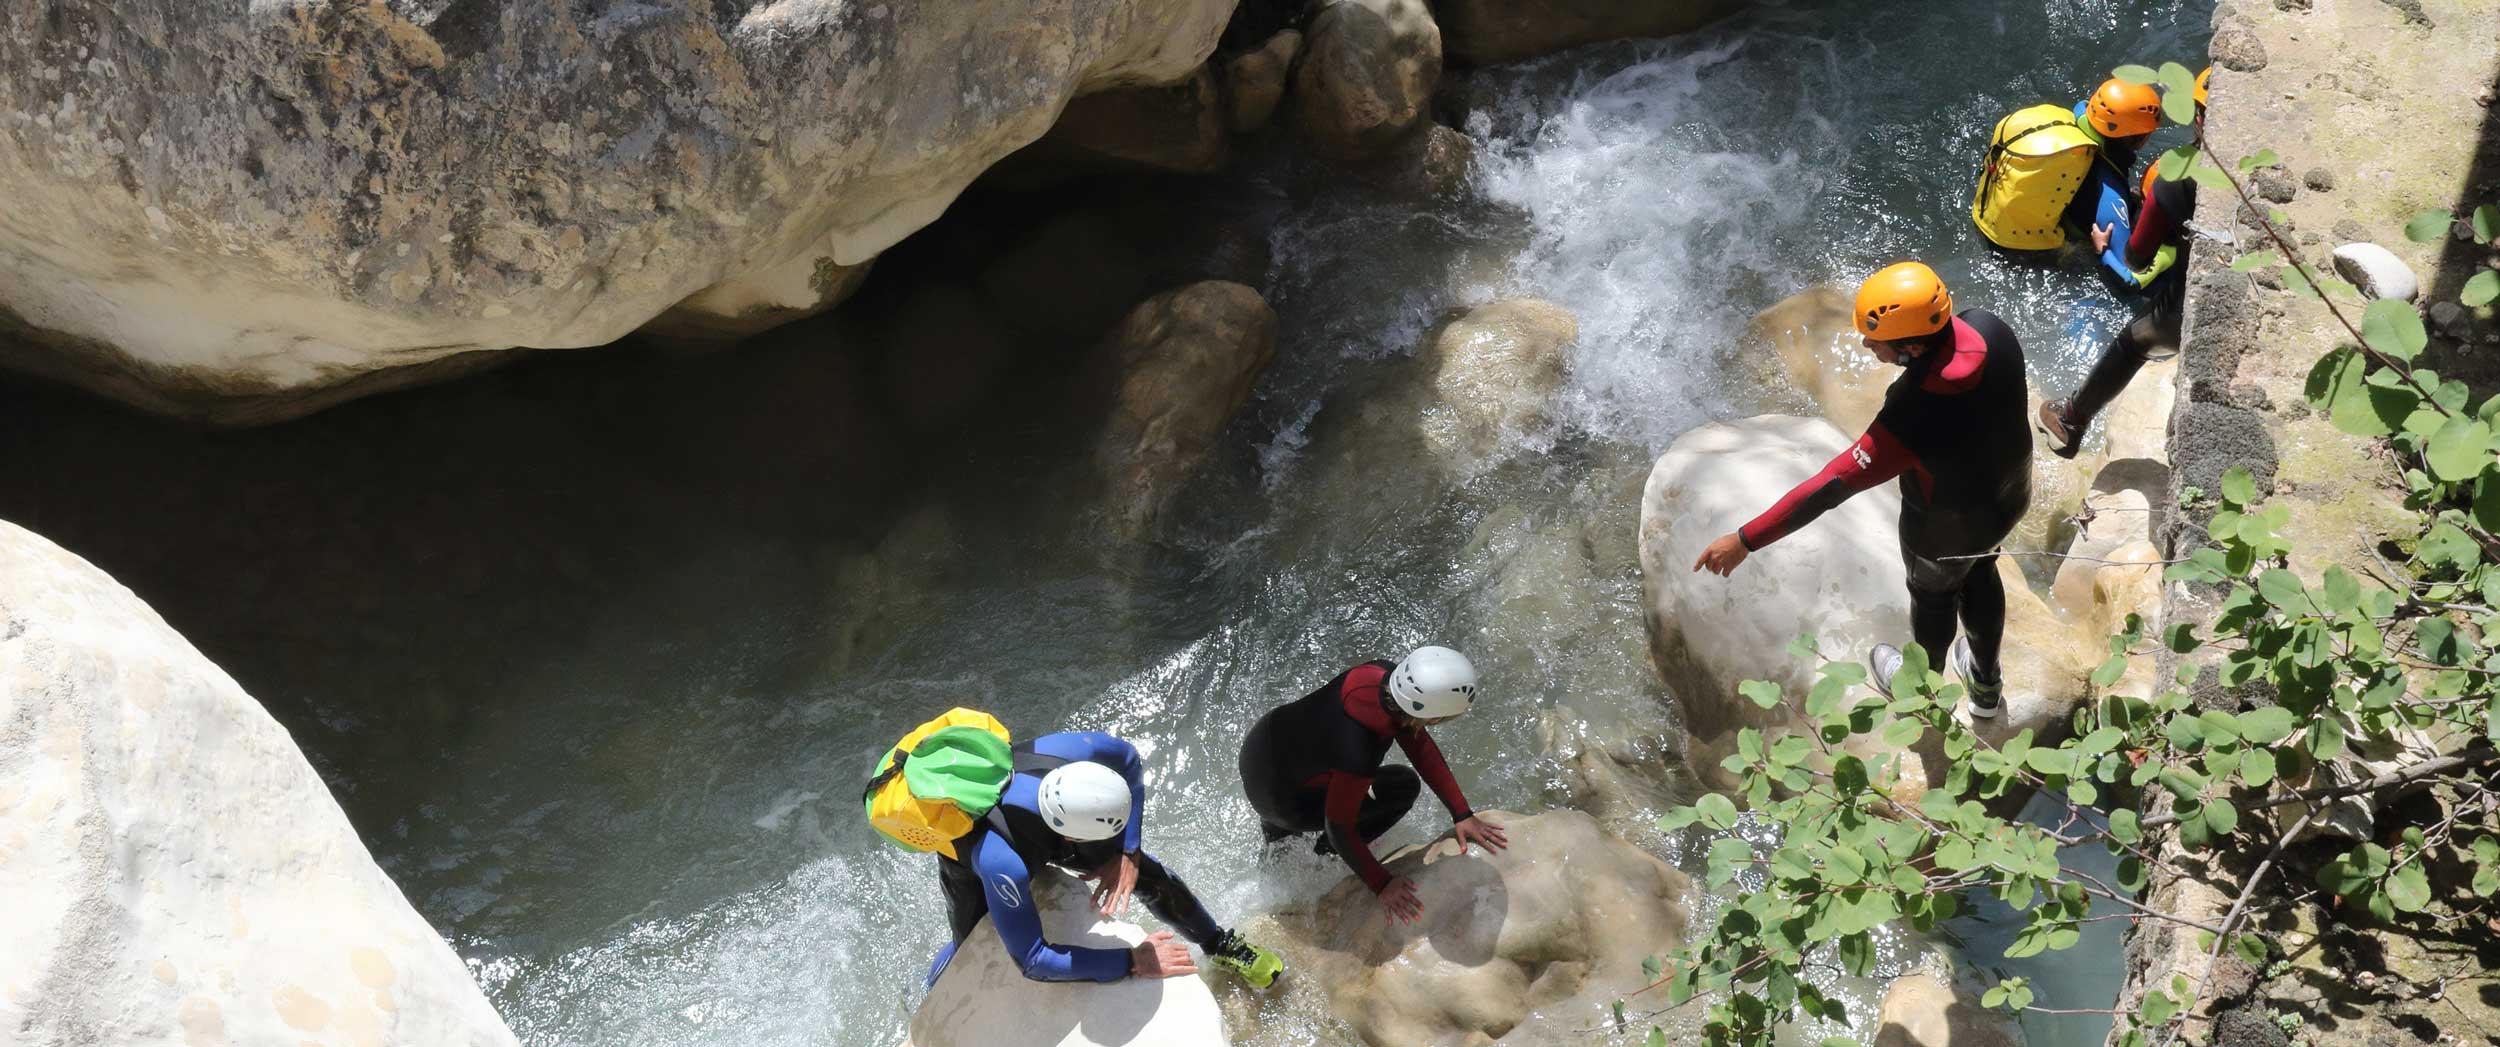 Groupe en canyoning dans le canyon le Valmale